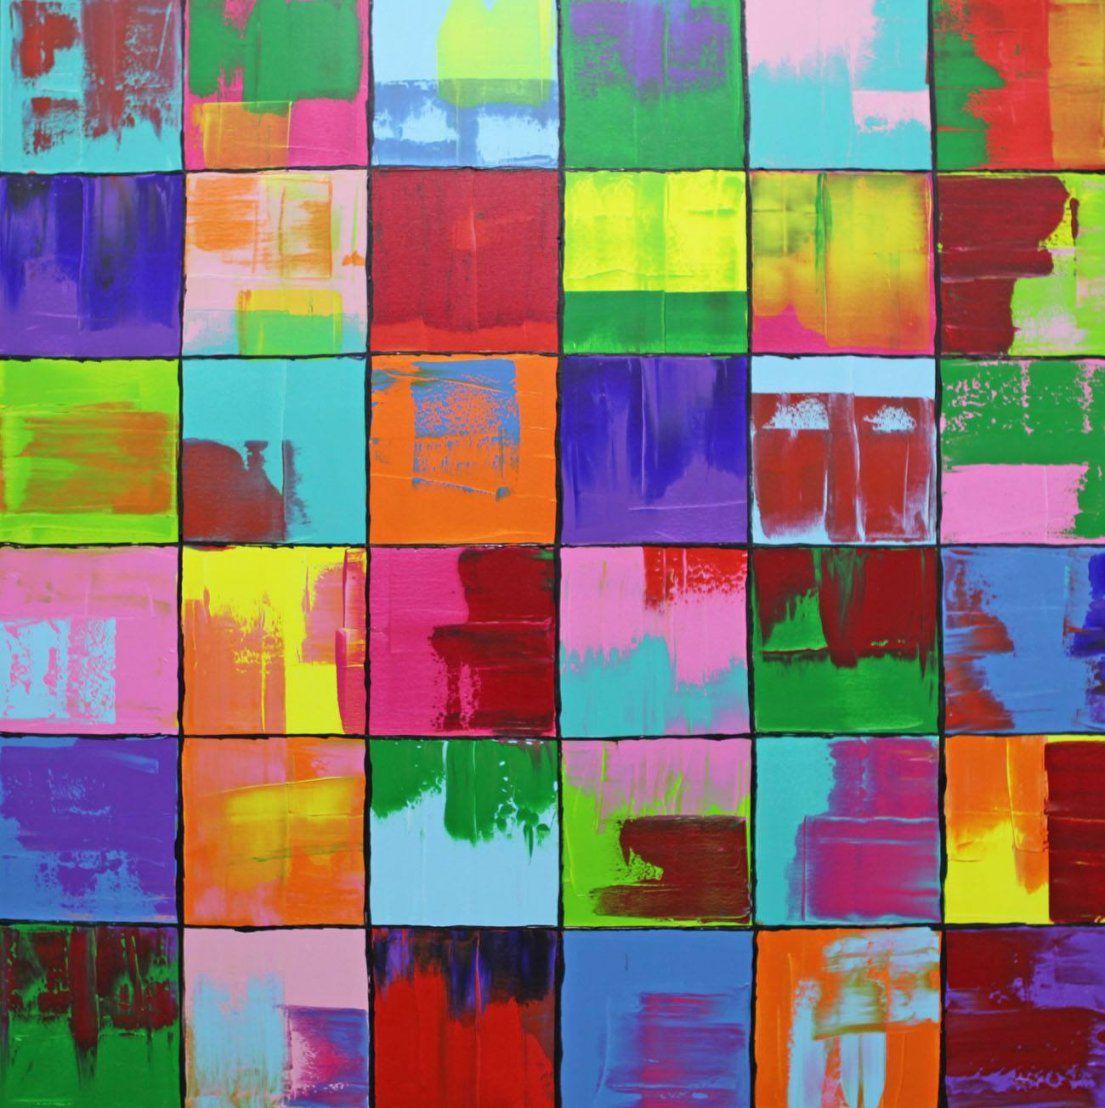 Bild Gemälde Bunt Abstrakt Malerei Von Michael Pfannschmidt Bei von Bilder Acryl Modern Abstrakt Photo